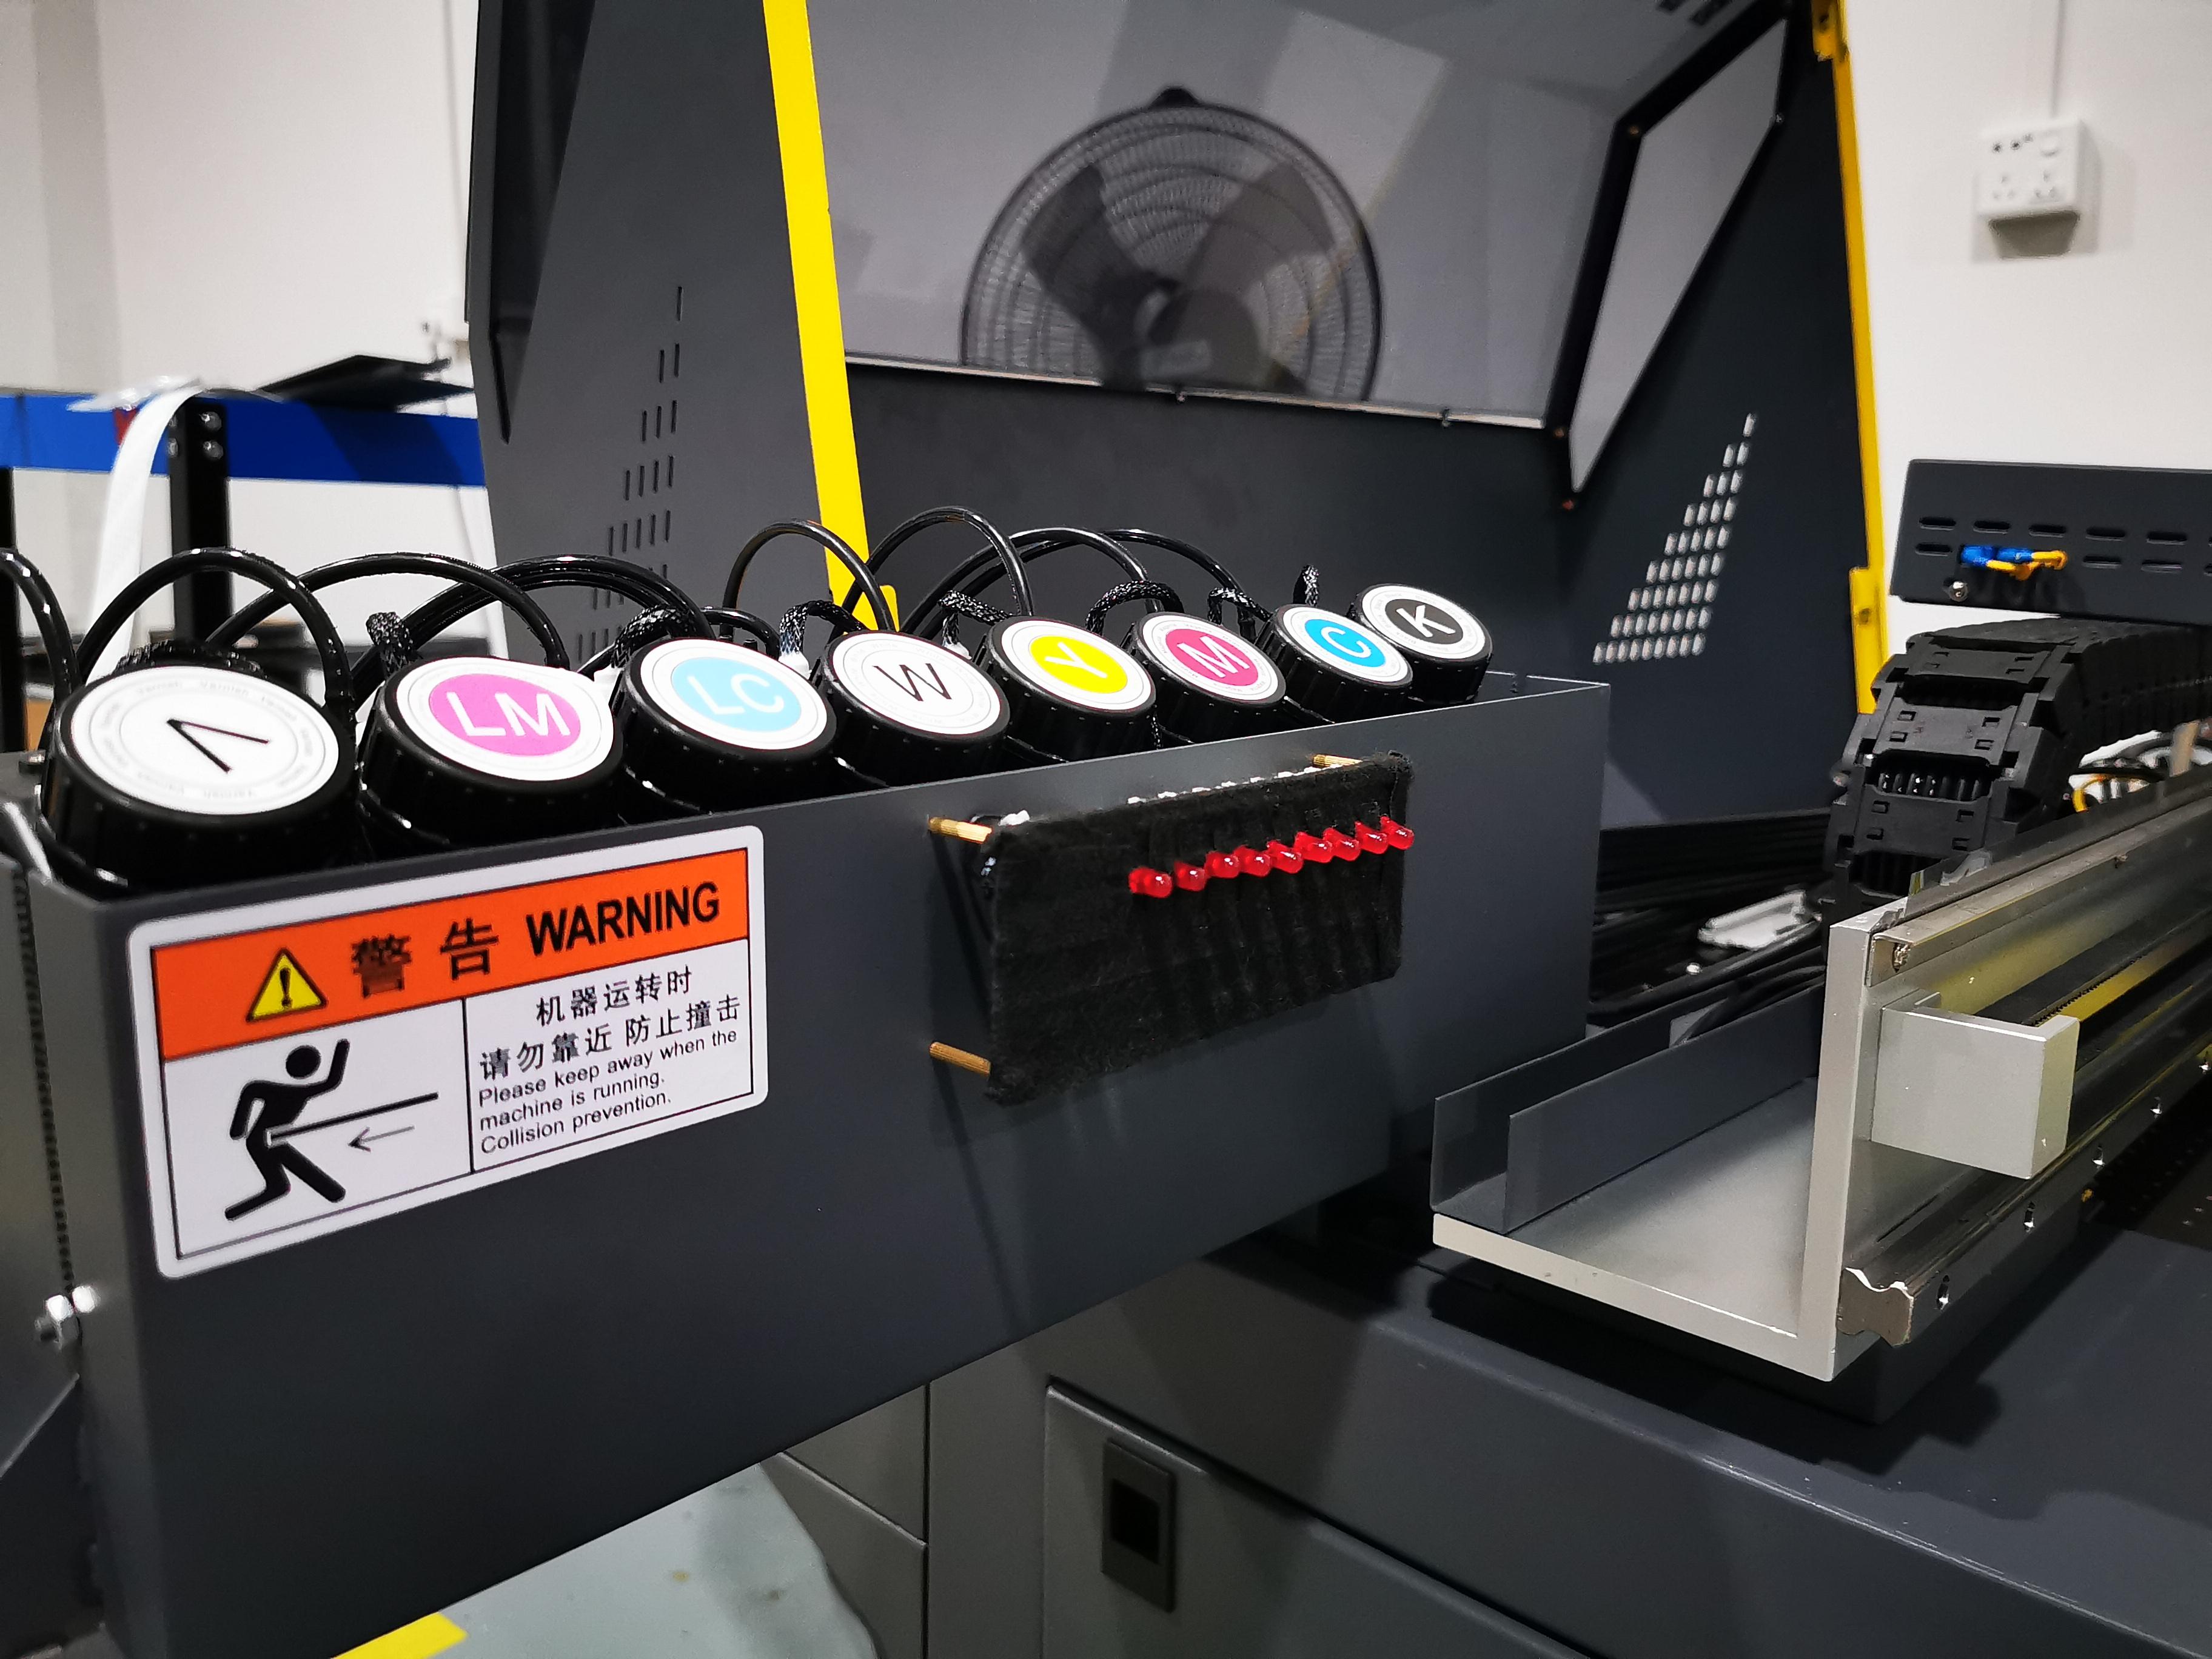 Tam otomatik A2 uv flatbed yazıcı pvc kimlik kartı için kalem telefon kılıfı cam metal seramik plastik